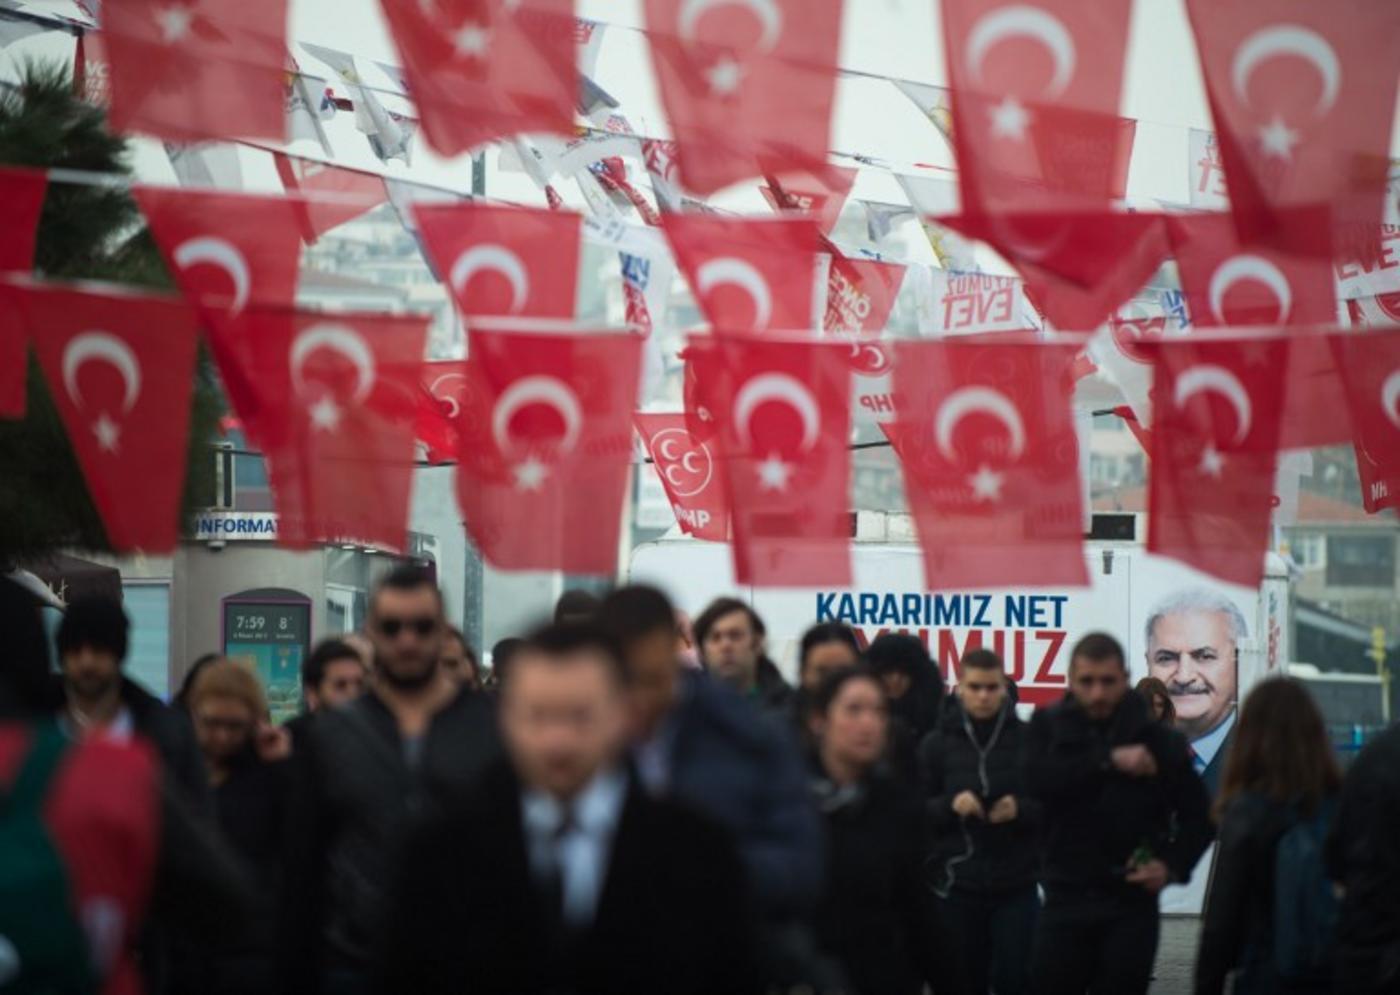 20 turkeys constitutional referendum - HD1400×995